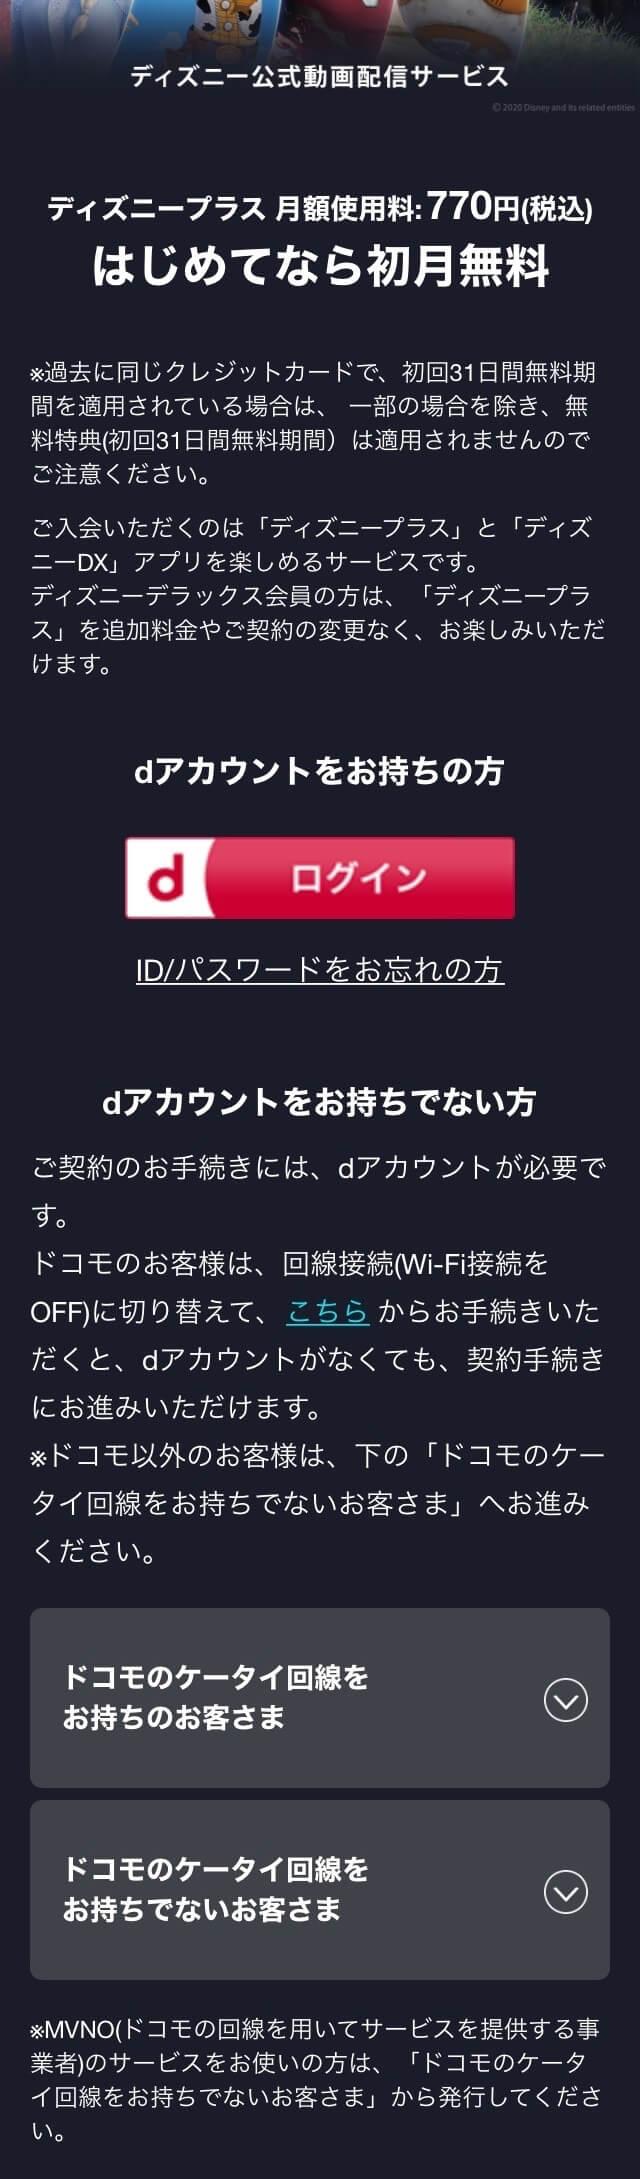 Disney+登録2